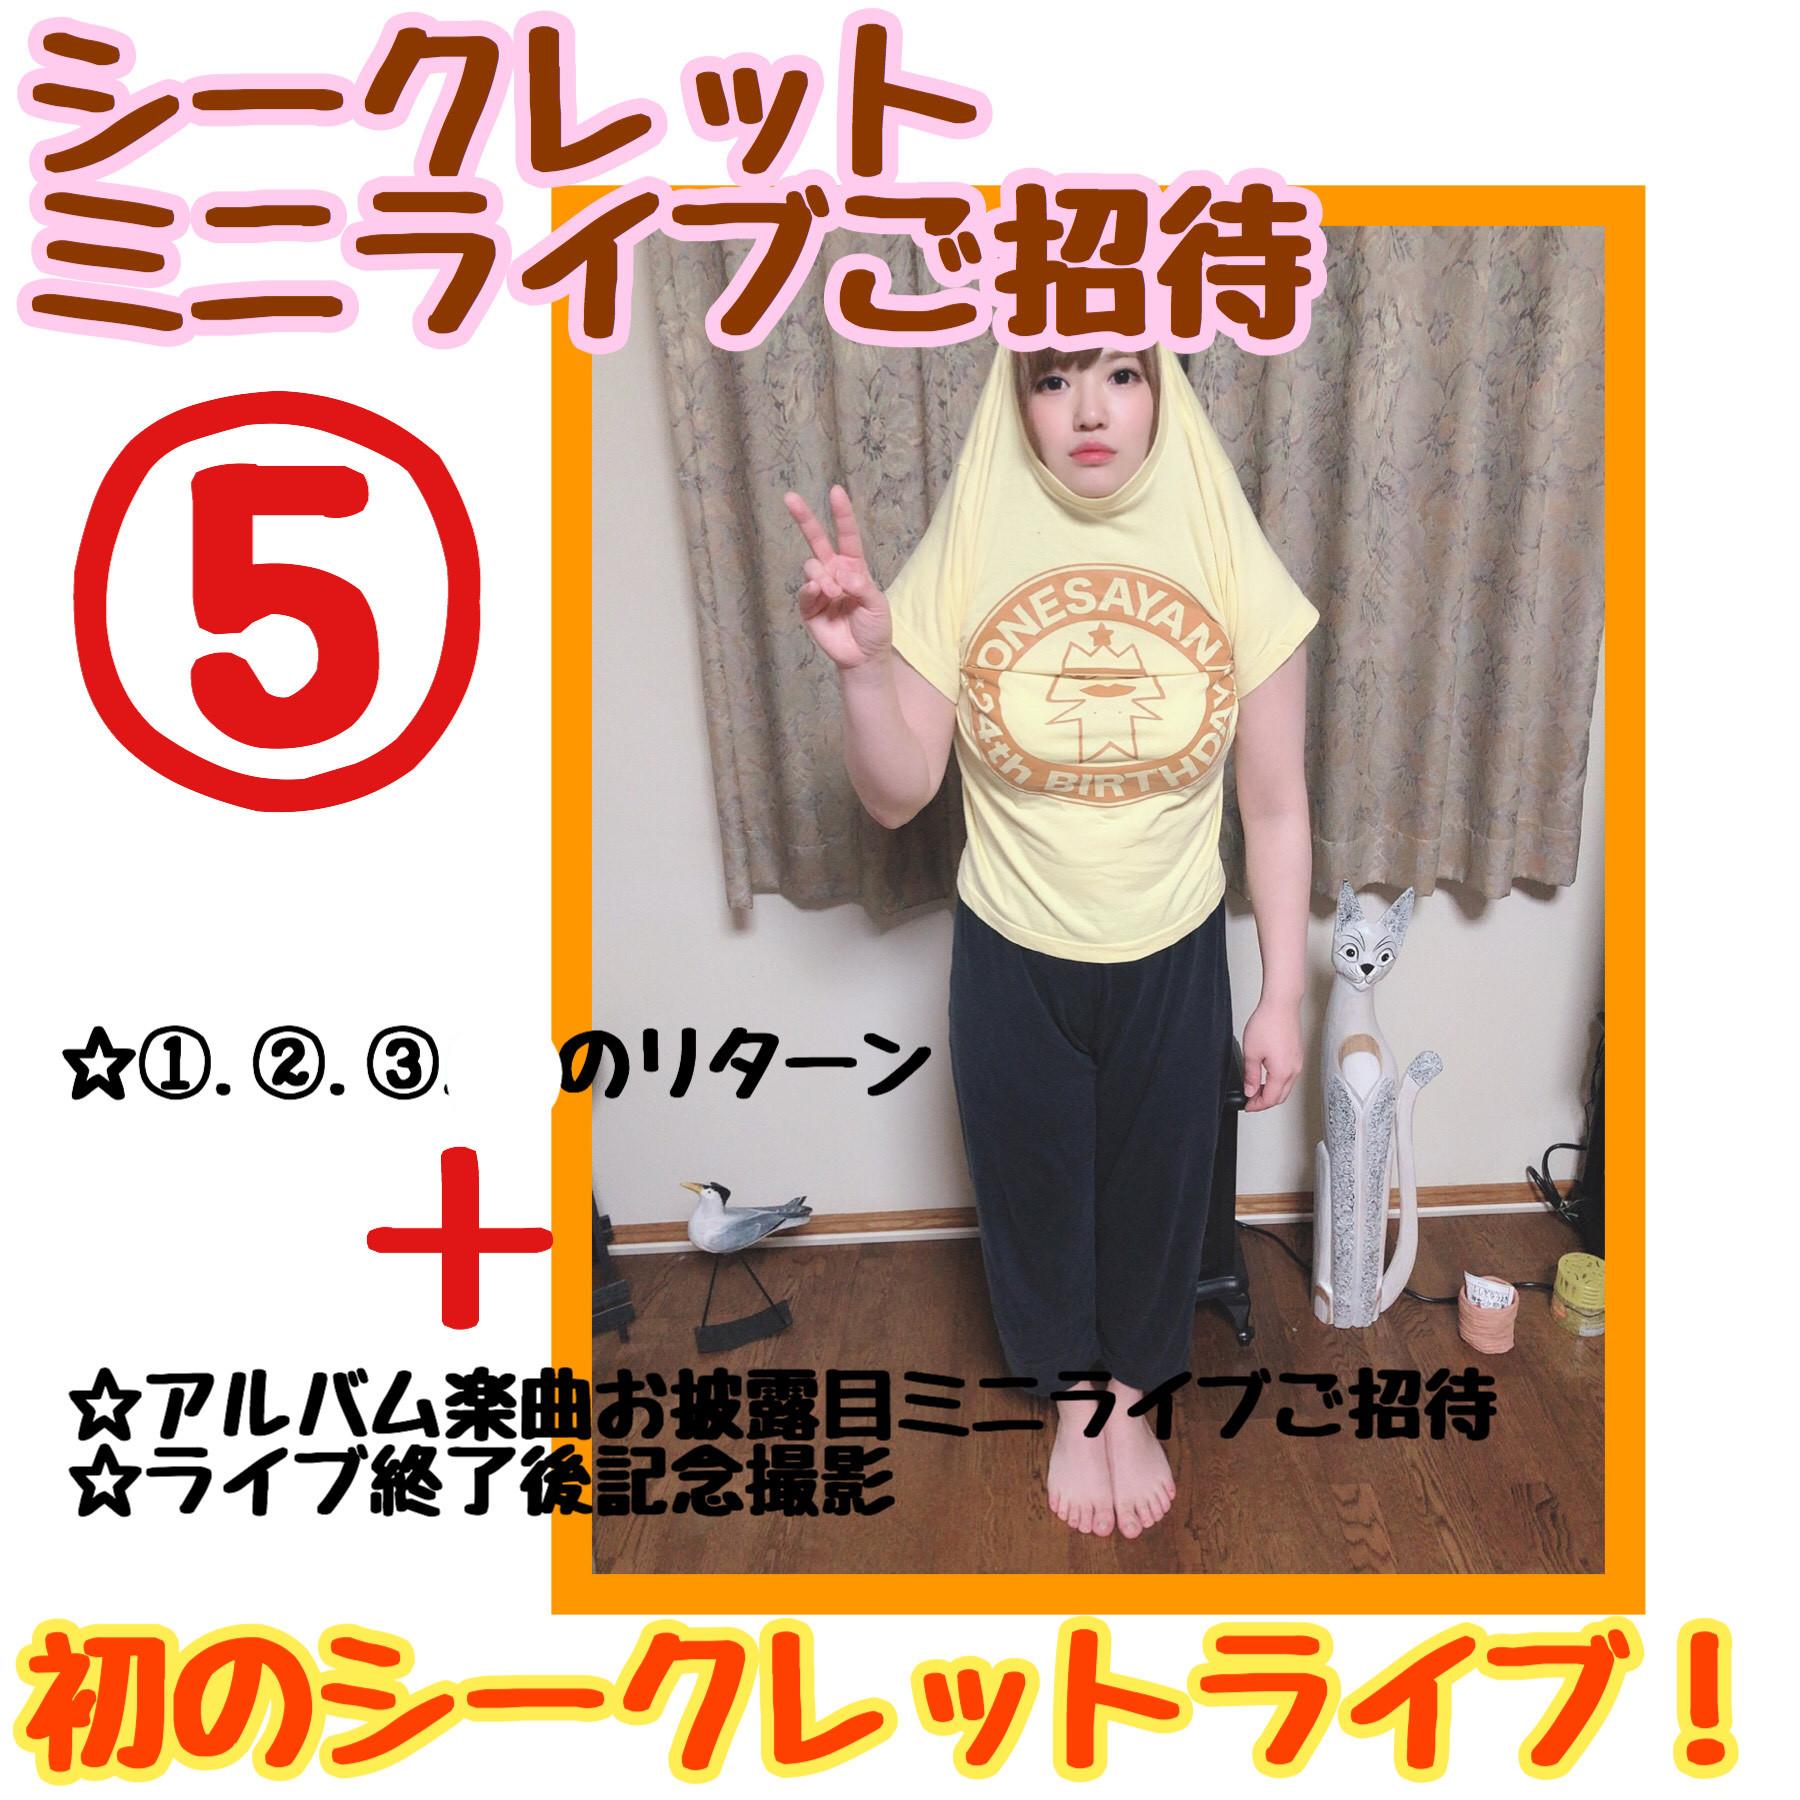 <アルバムお披露目シークレットミニライブプラン>